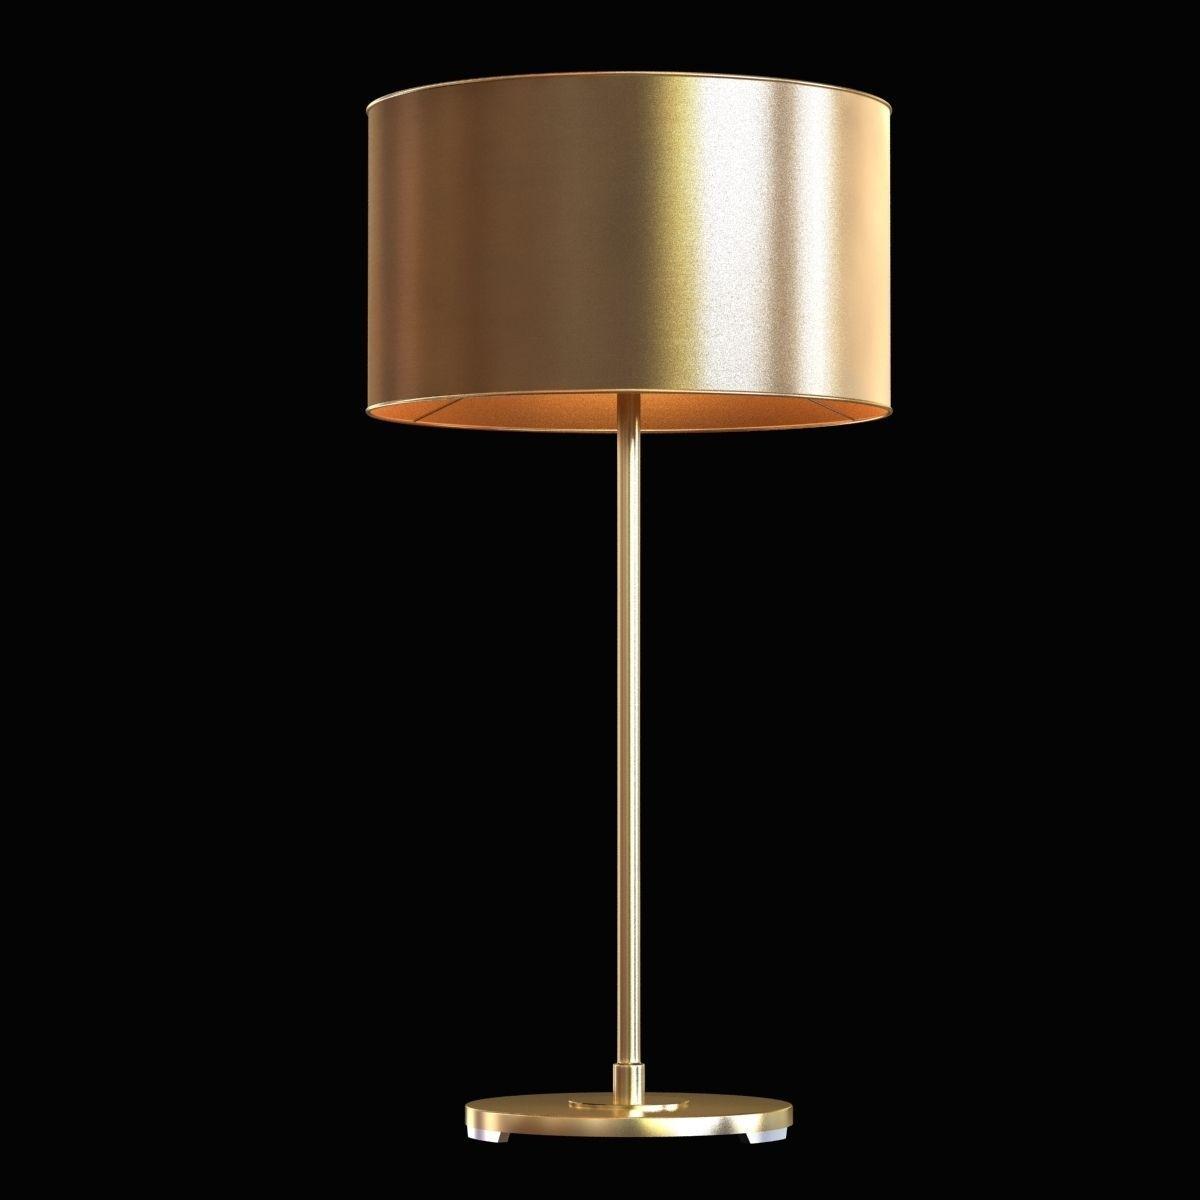 Restoration Hardware Antiqued Metal Drum Table Lamp 3d Model Max Obj 3ds  Fbx Mtl 1 ...